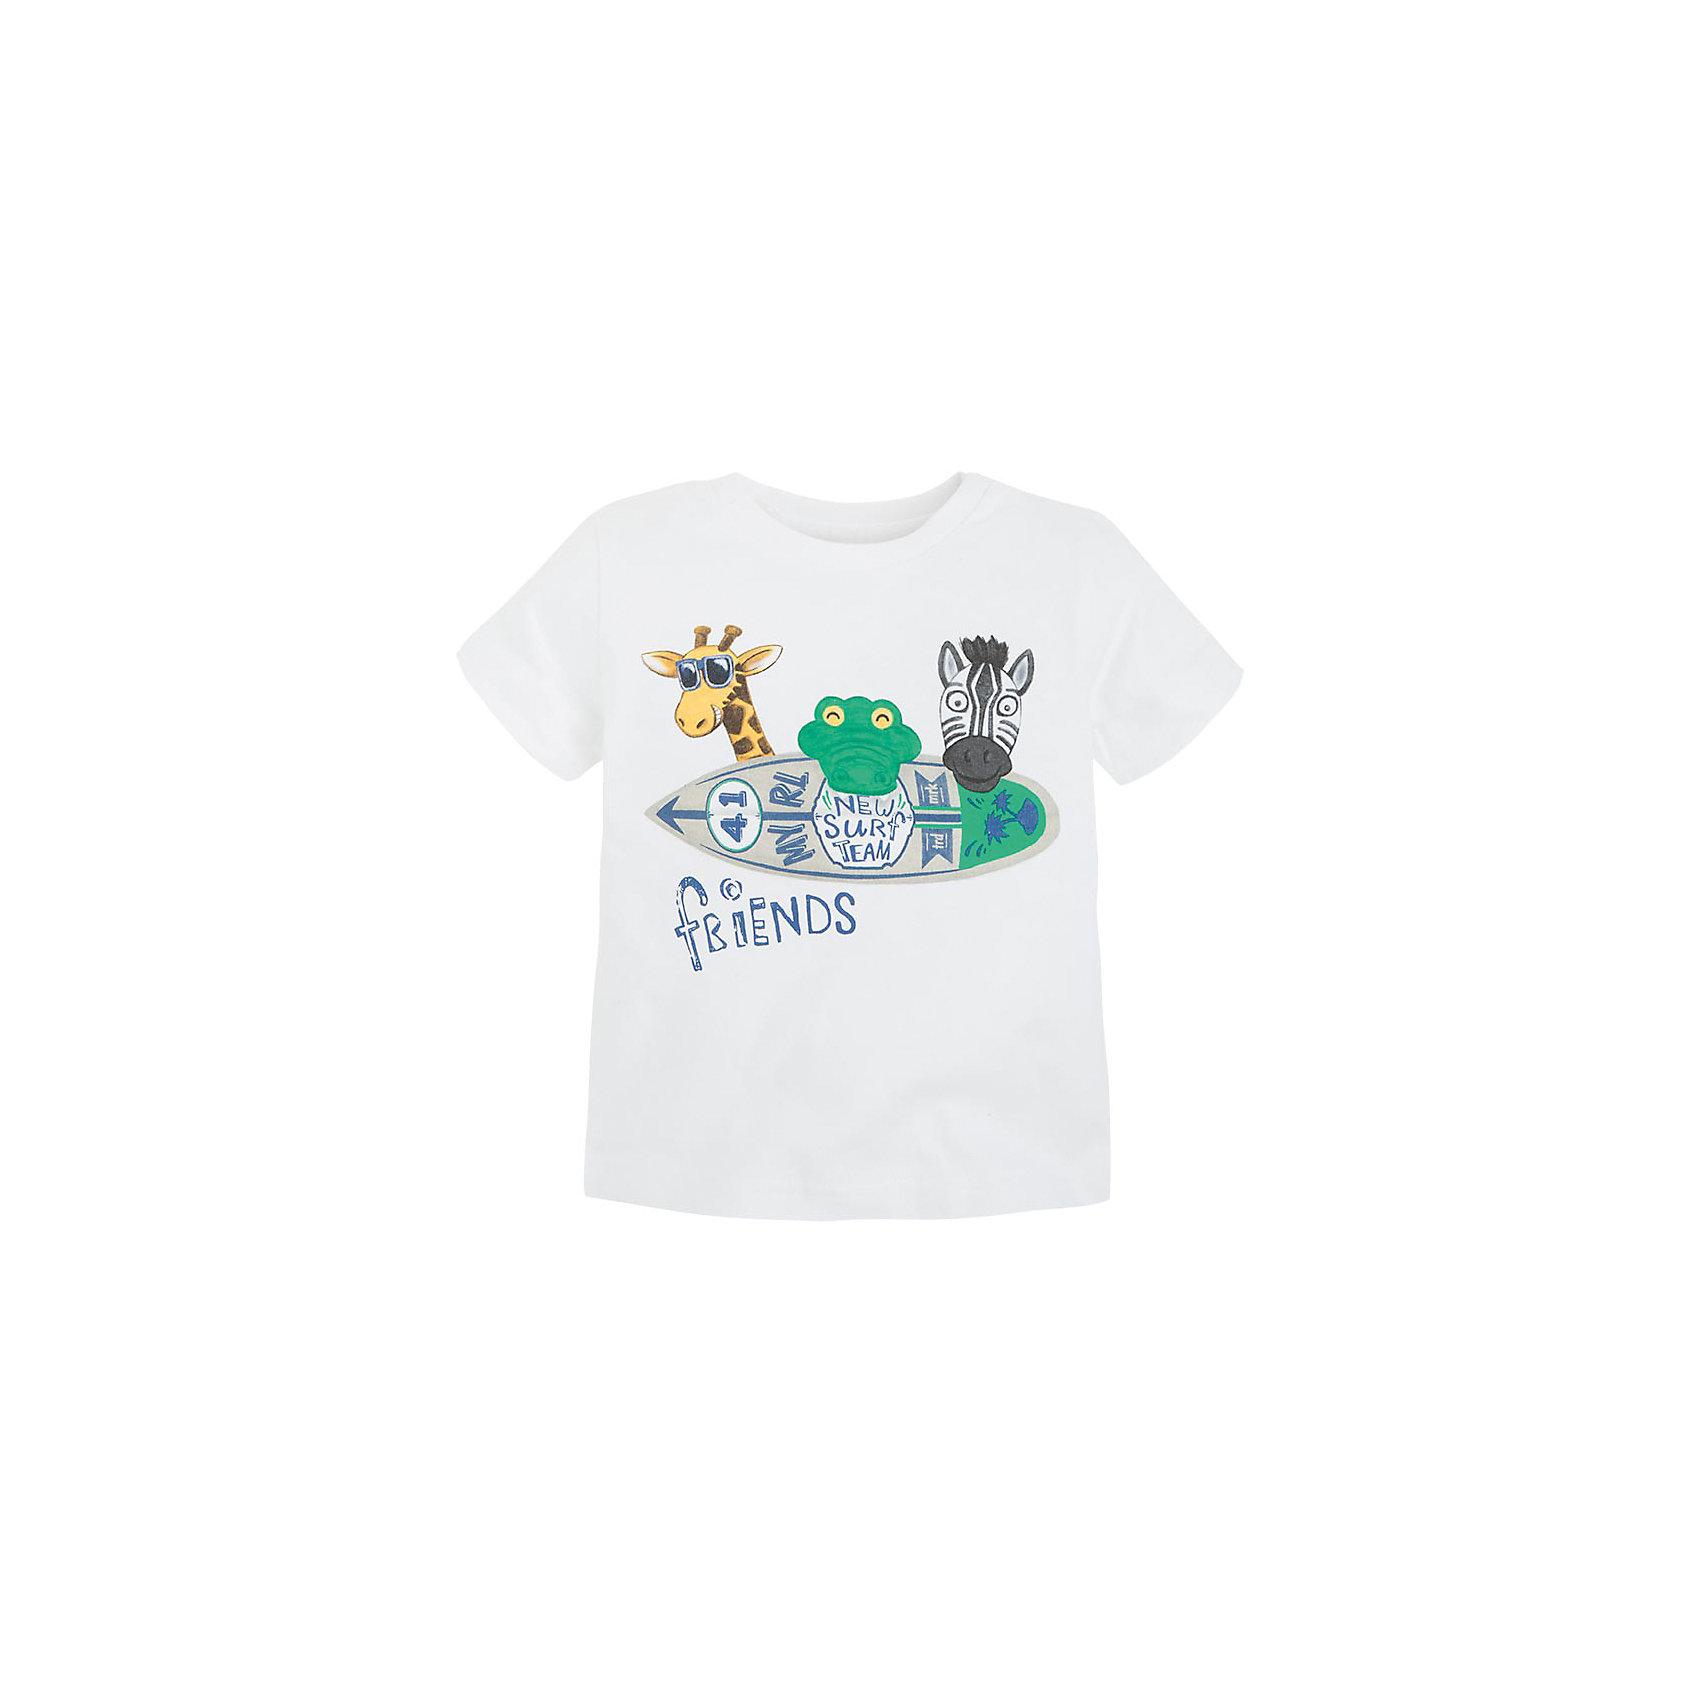 Футболка для мальчика MayoralФутболка для мальчика от популярной испанской марки Mayoral.<br><br>Футболка белого цвета декорирована оригинальным принтом с дикими животными. Сделана из натурального хлопкового трикотажа.<br><br>Оригинальная футболка от известного испанского бренда Mayoral – отличный вариант летней одежды для детей. Удобный крой и качественный материал обеспечит комфорт при ношении этой вещи. Натуральный хлопок в составе изделия делает его дышащим и мягким.<br>Состав: 100% хлопок<br><br>Уход за изделием:<br><br>стирка в машине при температуре до 30°С,<br>не отбеливать,<br>гладить на низкой температуре.<br><br>Габариты:<br><br>длина рукава – 10 см,<br>длина по спине – 33 см<br><br>*Числовые параметры соответствуют росту 74<br>Футболку для мальчика Mayoral (Майорал) можно купить в нашем магазине.<br><br>Ширина мм: 199<br>Глубина мм: 10<br>Высота мм: 161<br>Вес г: 151<br>Цвет: белый<br>Возраст от месяцев: 9<br>Возраст до месяцев: 12<br>Пол: Мужской<br>Возраст: Детский<br>Размер: 74,86,92,80<br>SKU: 4069129